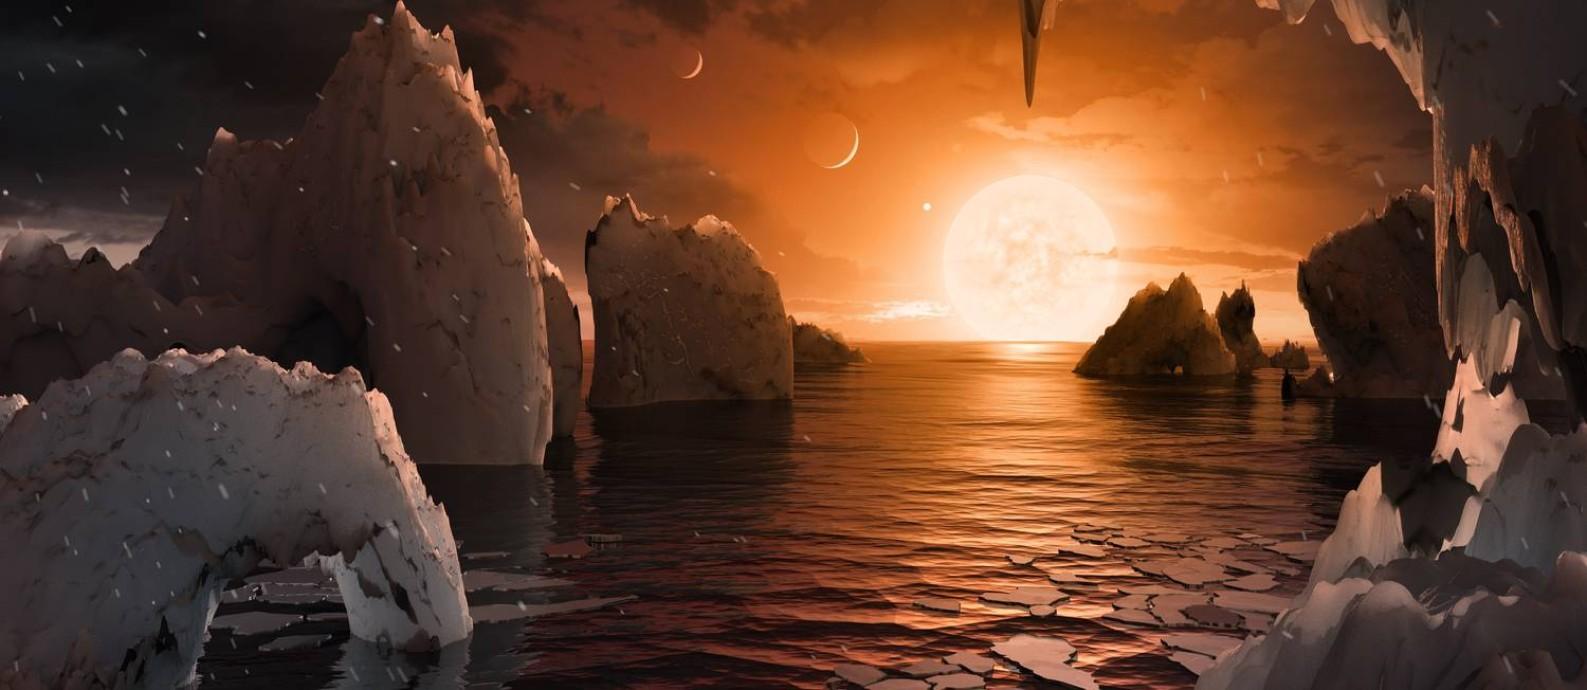 Ilustração mostra como seria a visão do sistema da superfície de um dos seus planetas centrais: possibilidade de ter água em estado líquido, condição para existência de vida como conhecemos